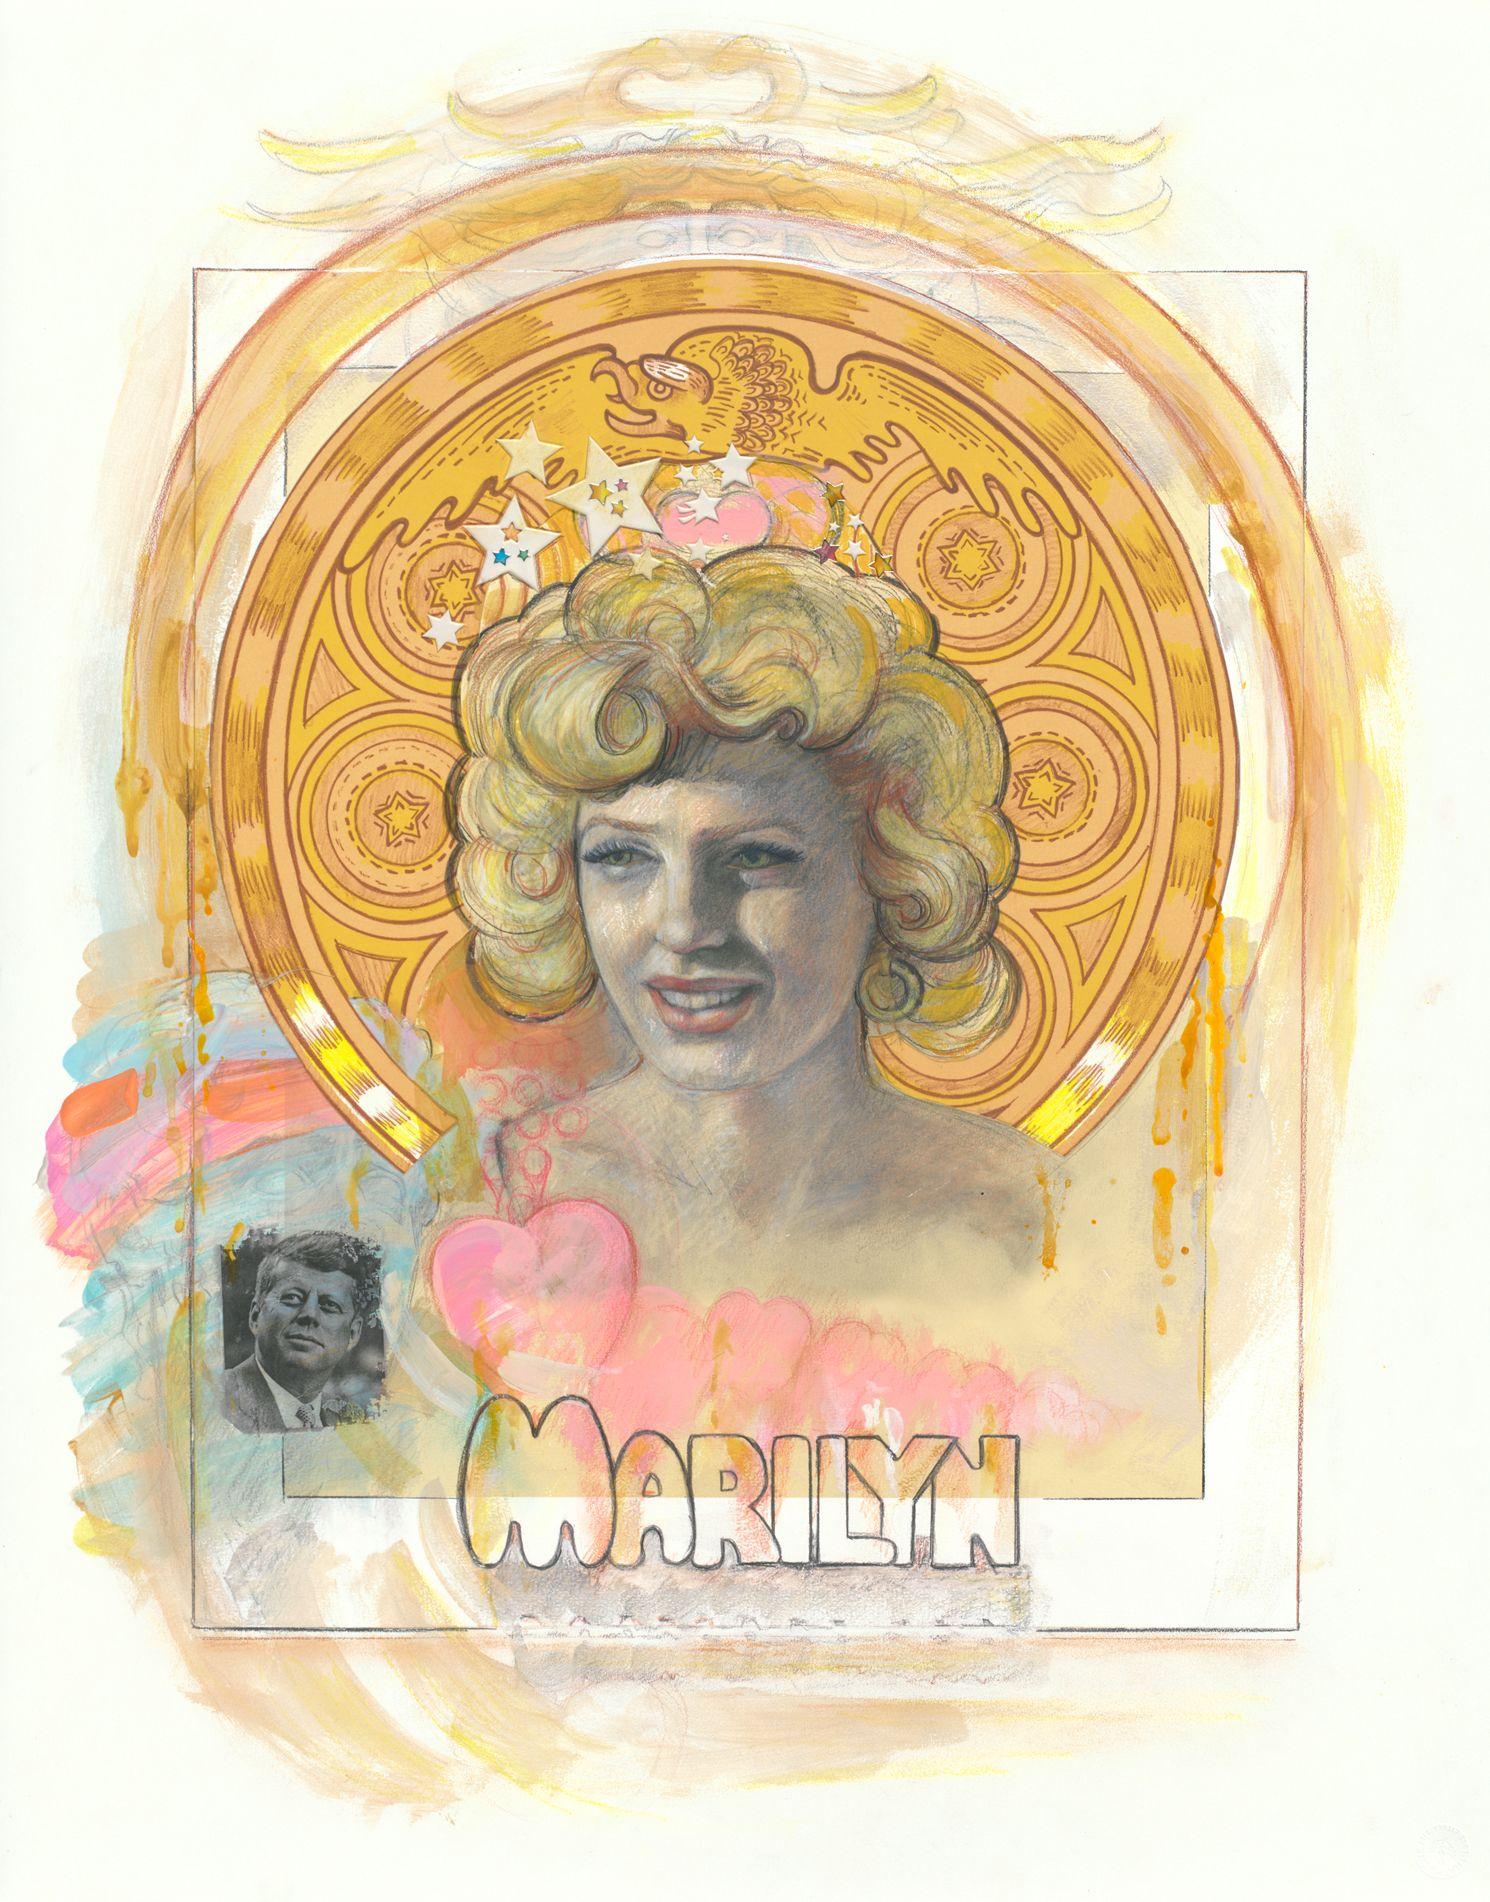 Kennedy Marilyn.jpg